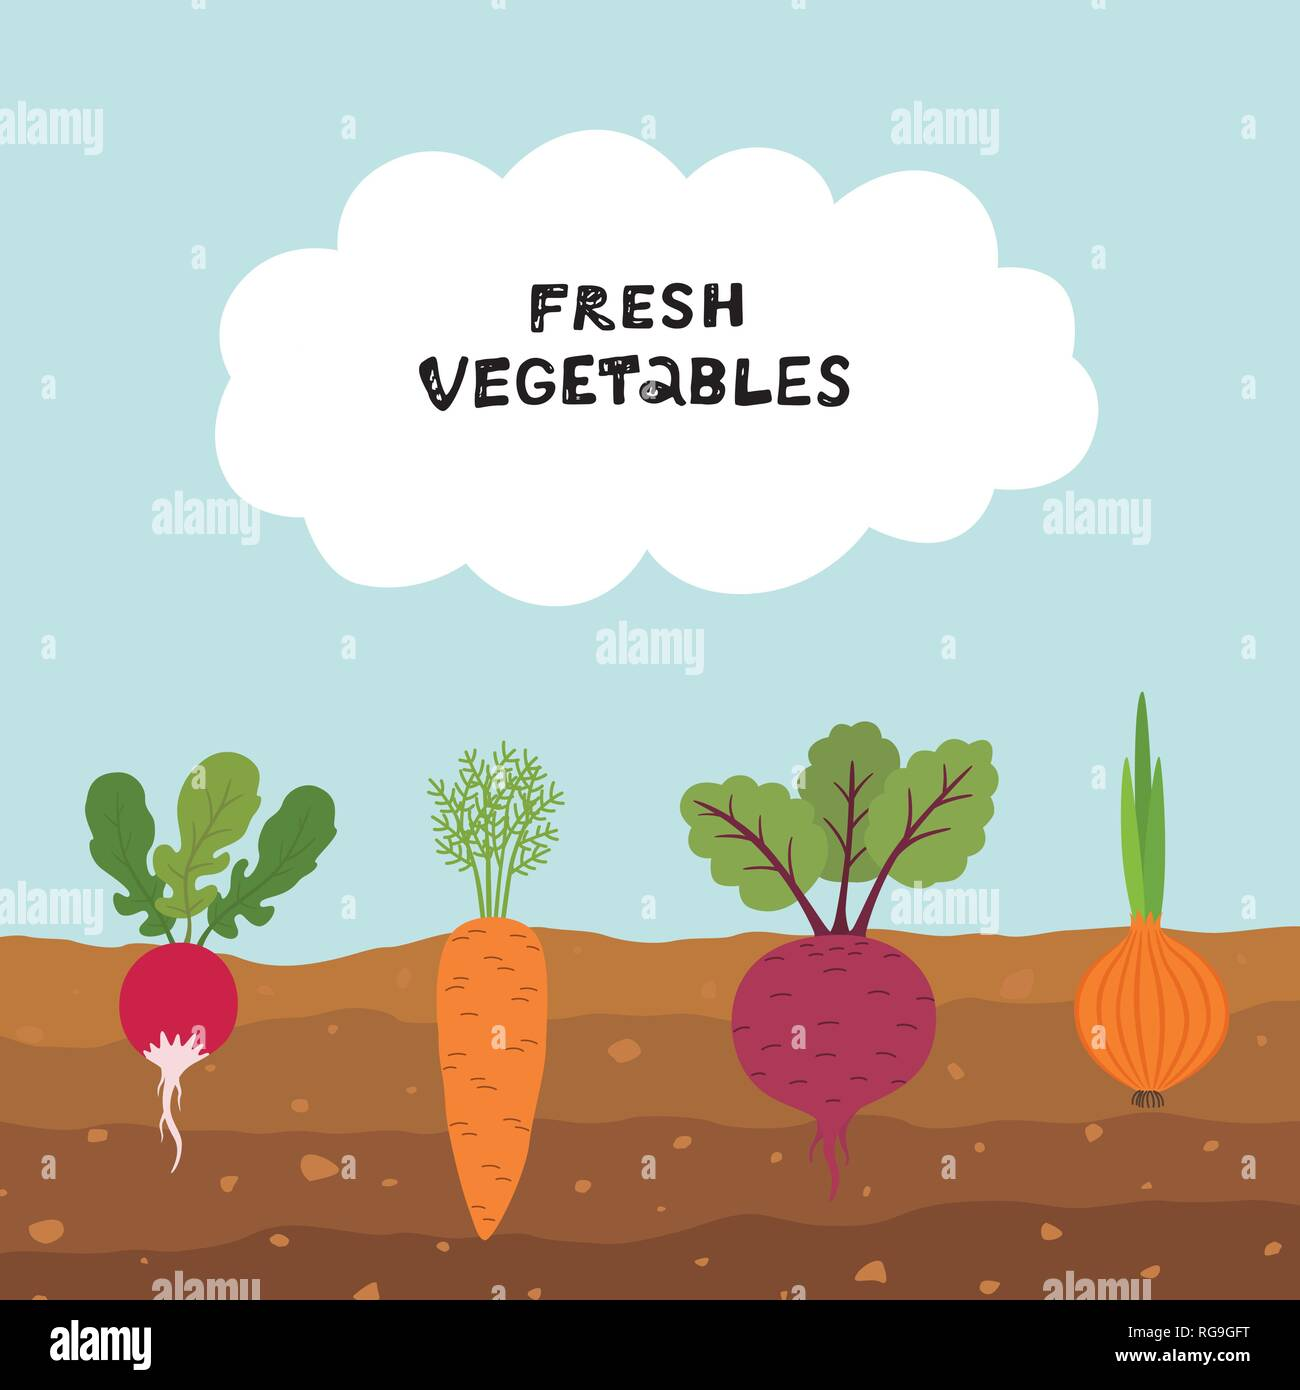 Legumes A Mettre Dans Le Jardin jardin de légumes biologiques frais sur fond de ciel bleu